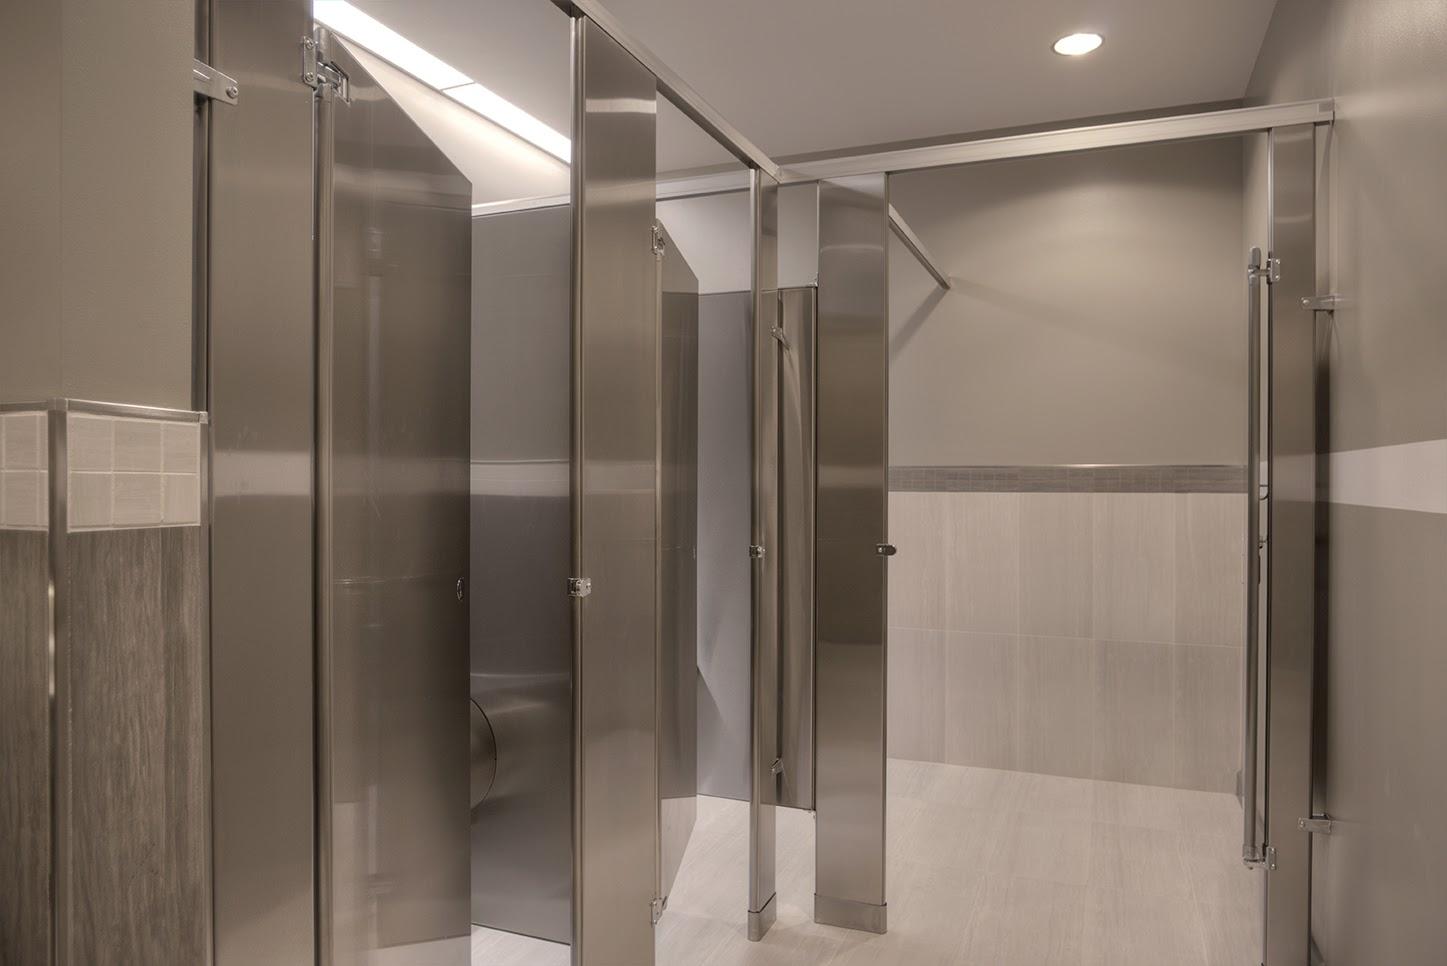 C2design Gender Neutral Commercial Restrooms